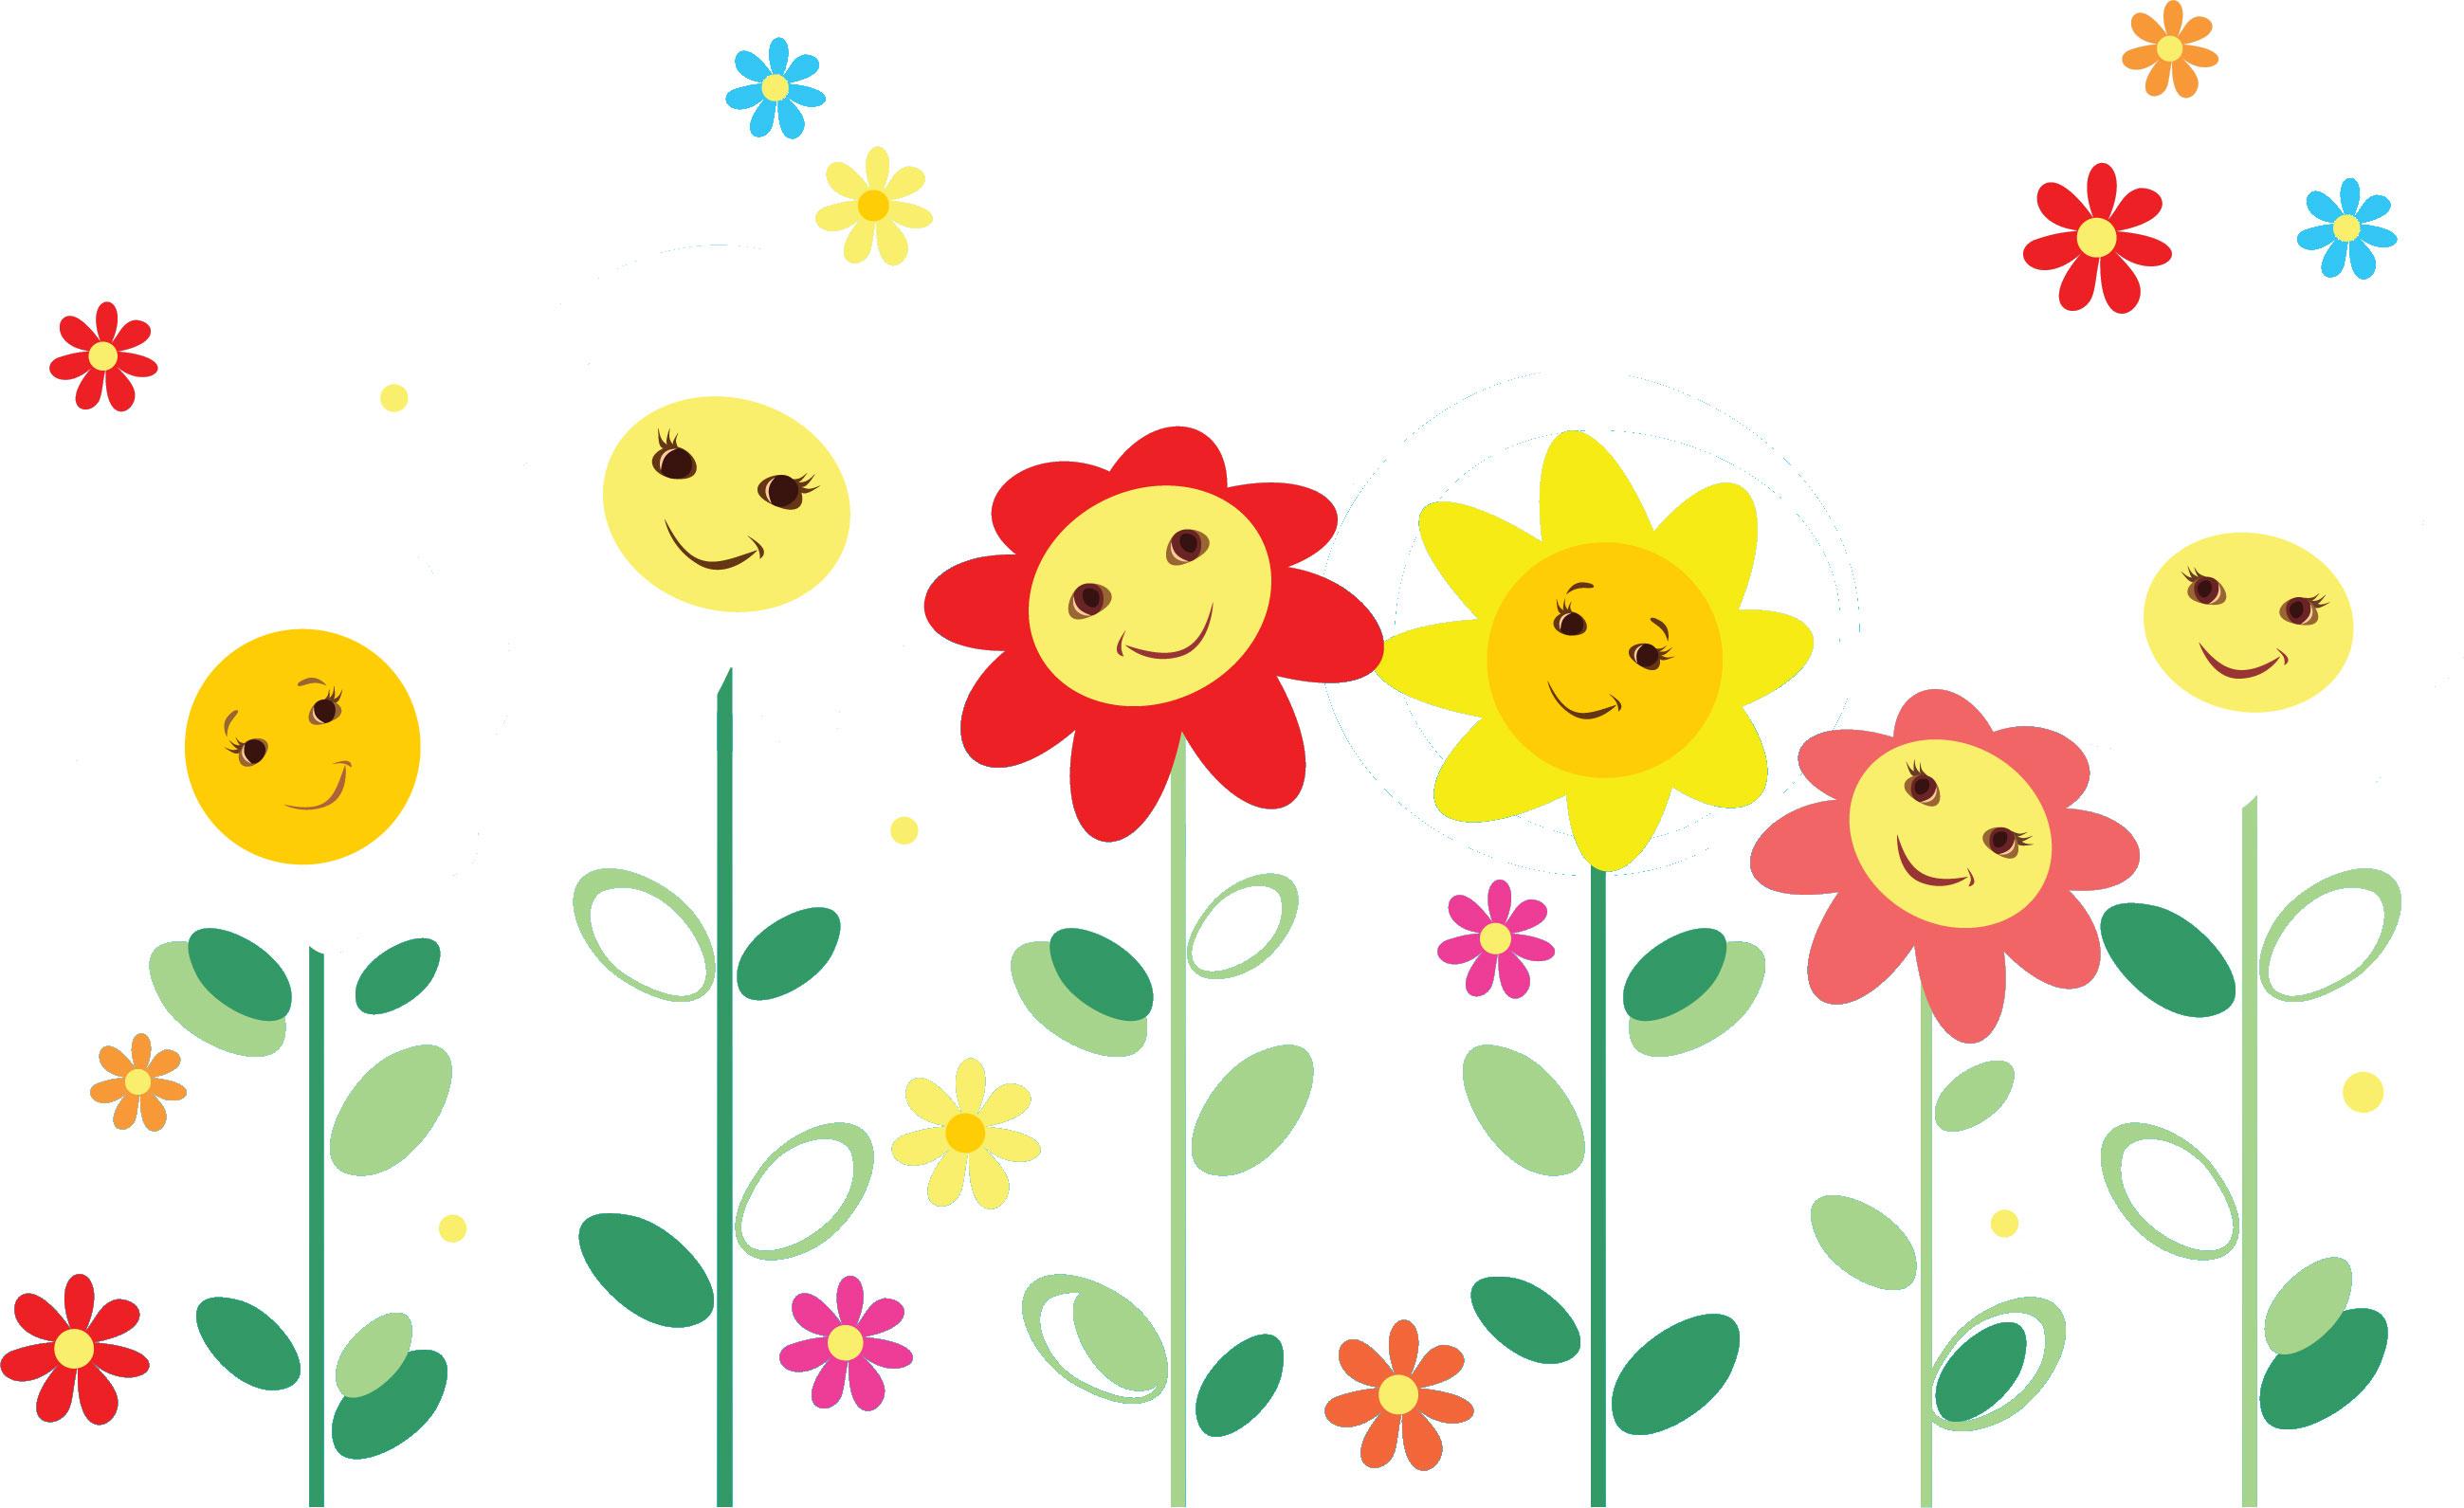 ポップでかわいい花のイラスト・フリー素材/No.046『フラワー